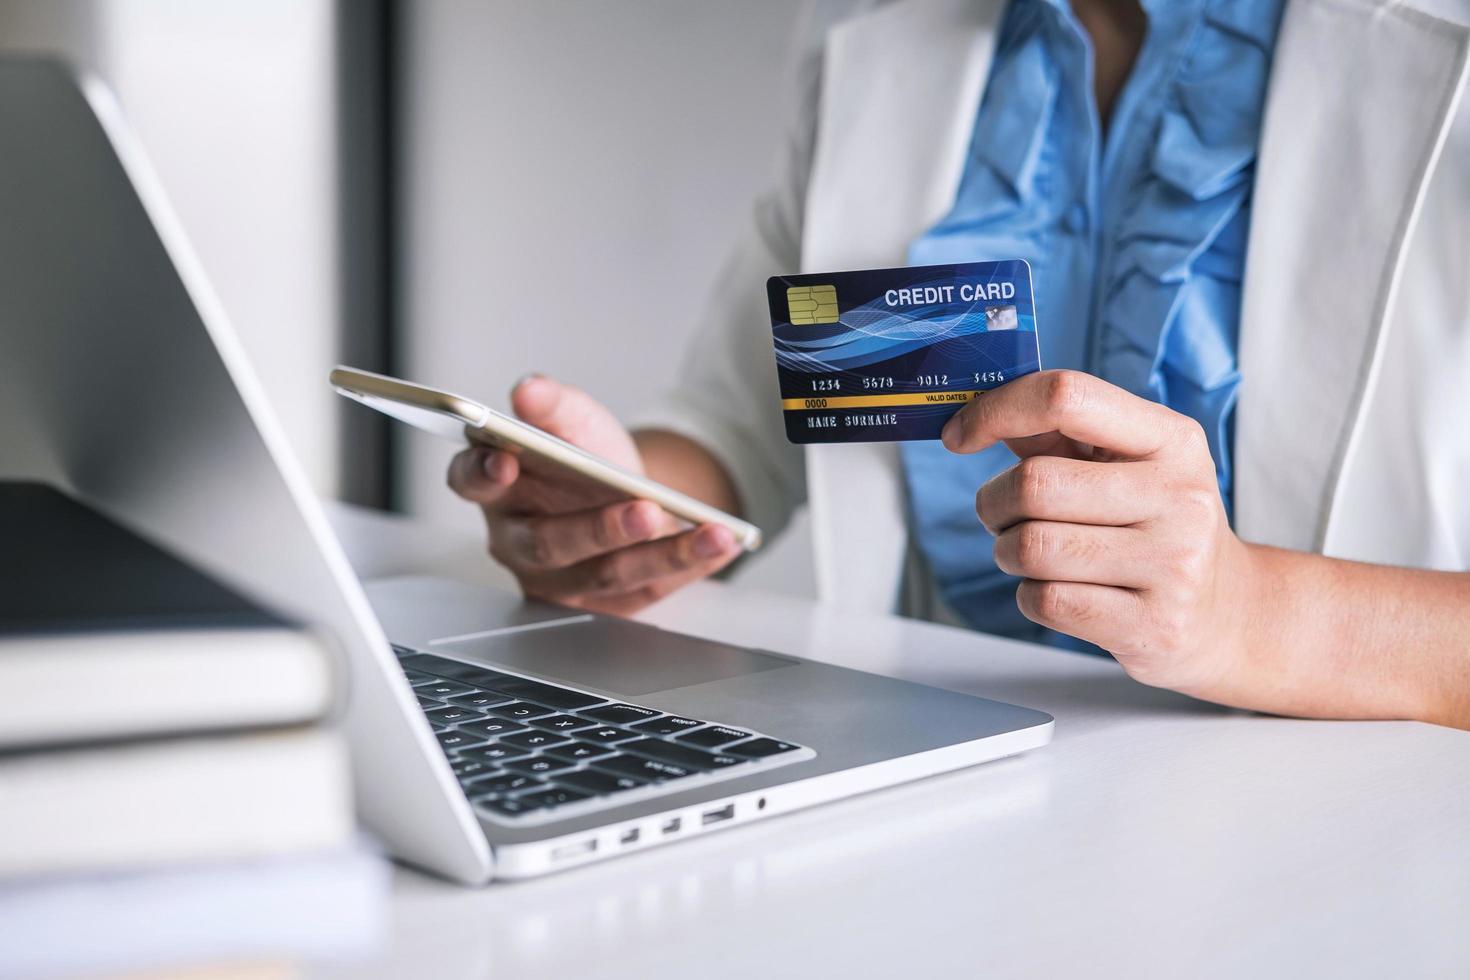 mulher segurando o cartão de crédito, compras on-line foto